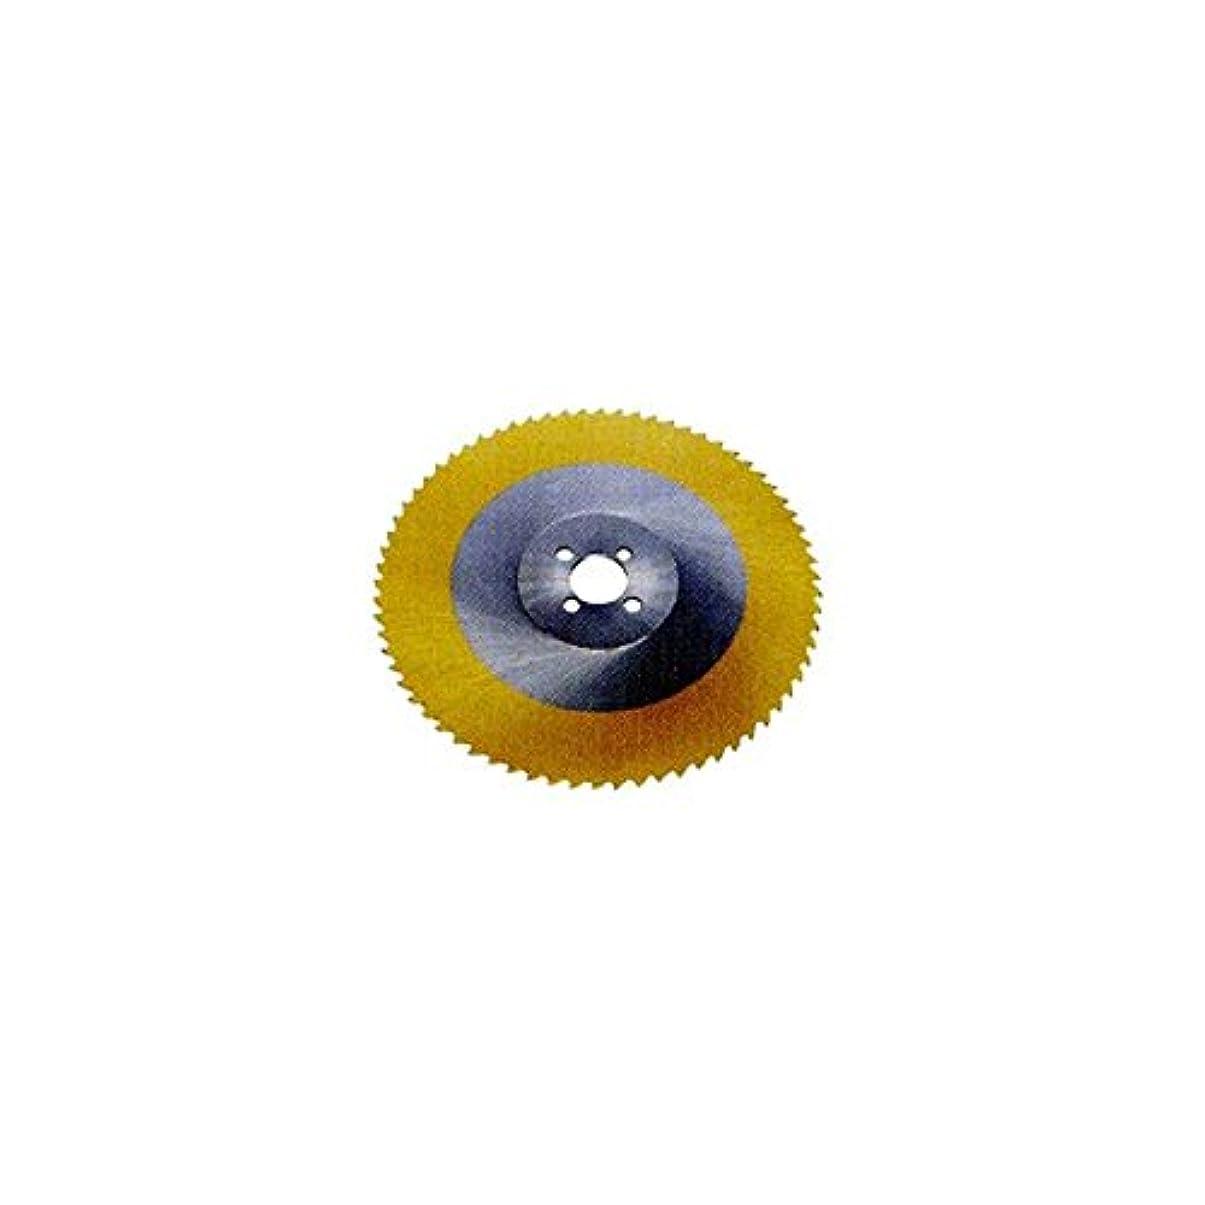 達成供給三番岡崎精工:TINコバルトソ(63×11×4)360×2.5×32-P TCMS30-P08